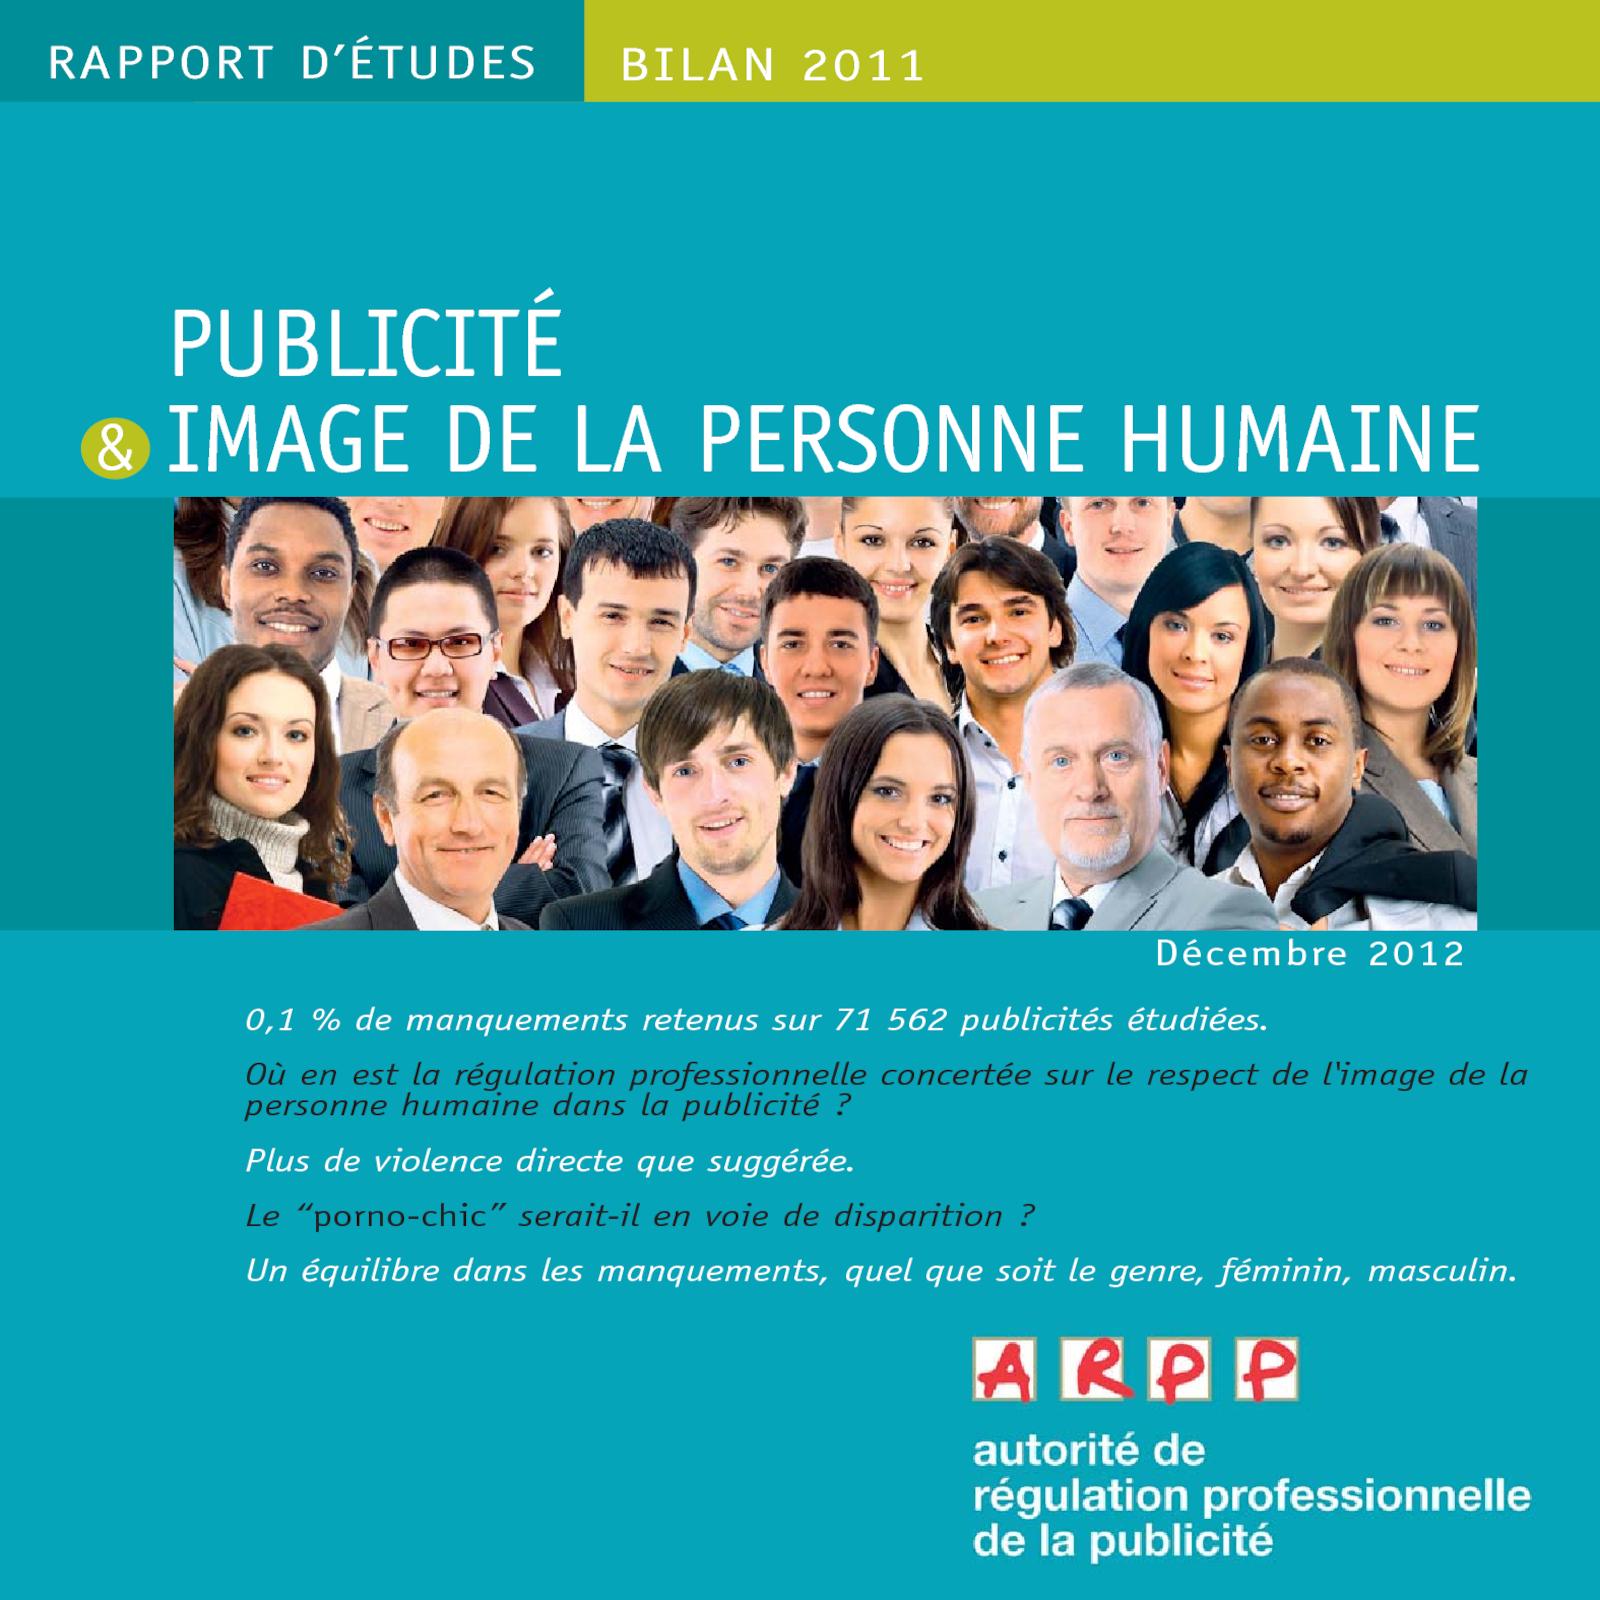 Bilan Publicité et Image de la Personne Humaine 2011